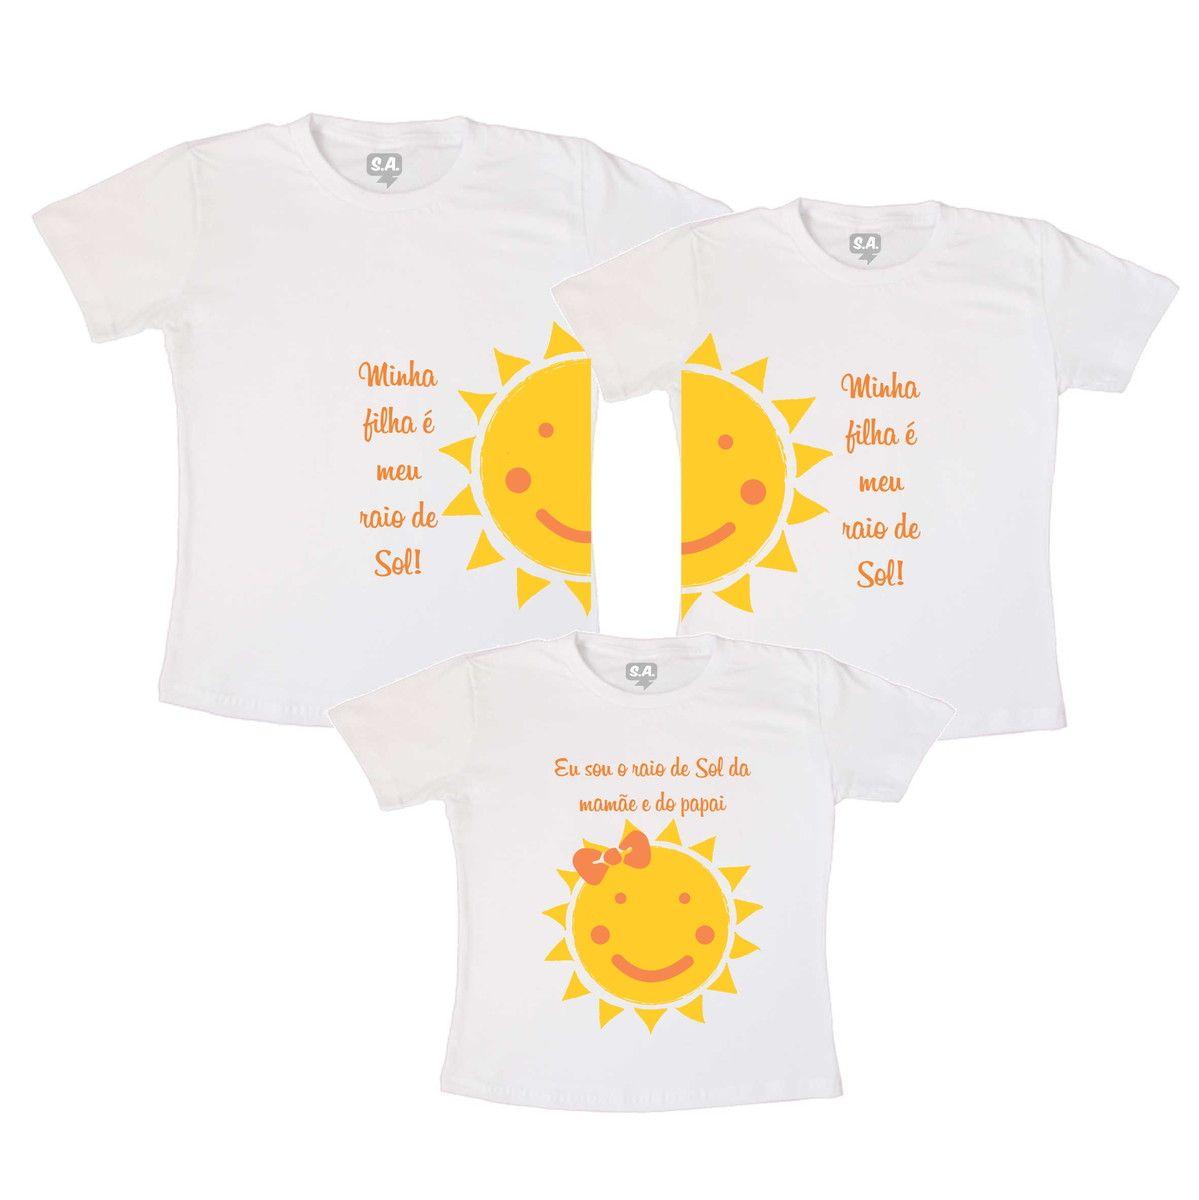 1def8e42b Kit Personalizado composto por três camisetas